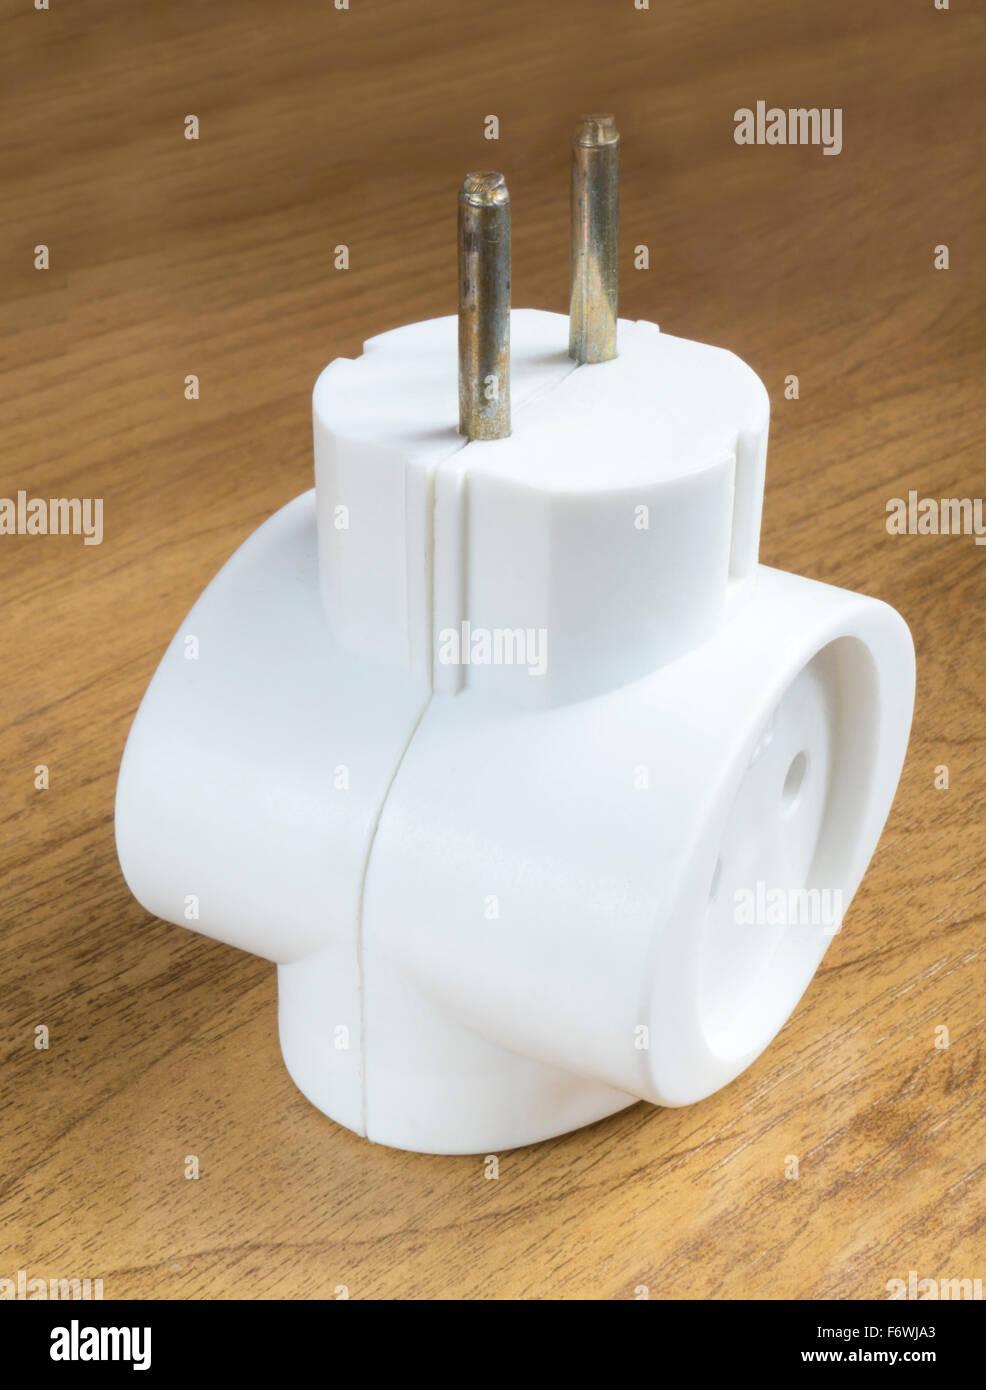 Weiße elektrische Netz Verteiler beruht auf braunen Tisch Stockbild